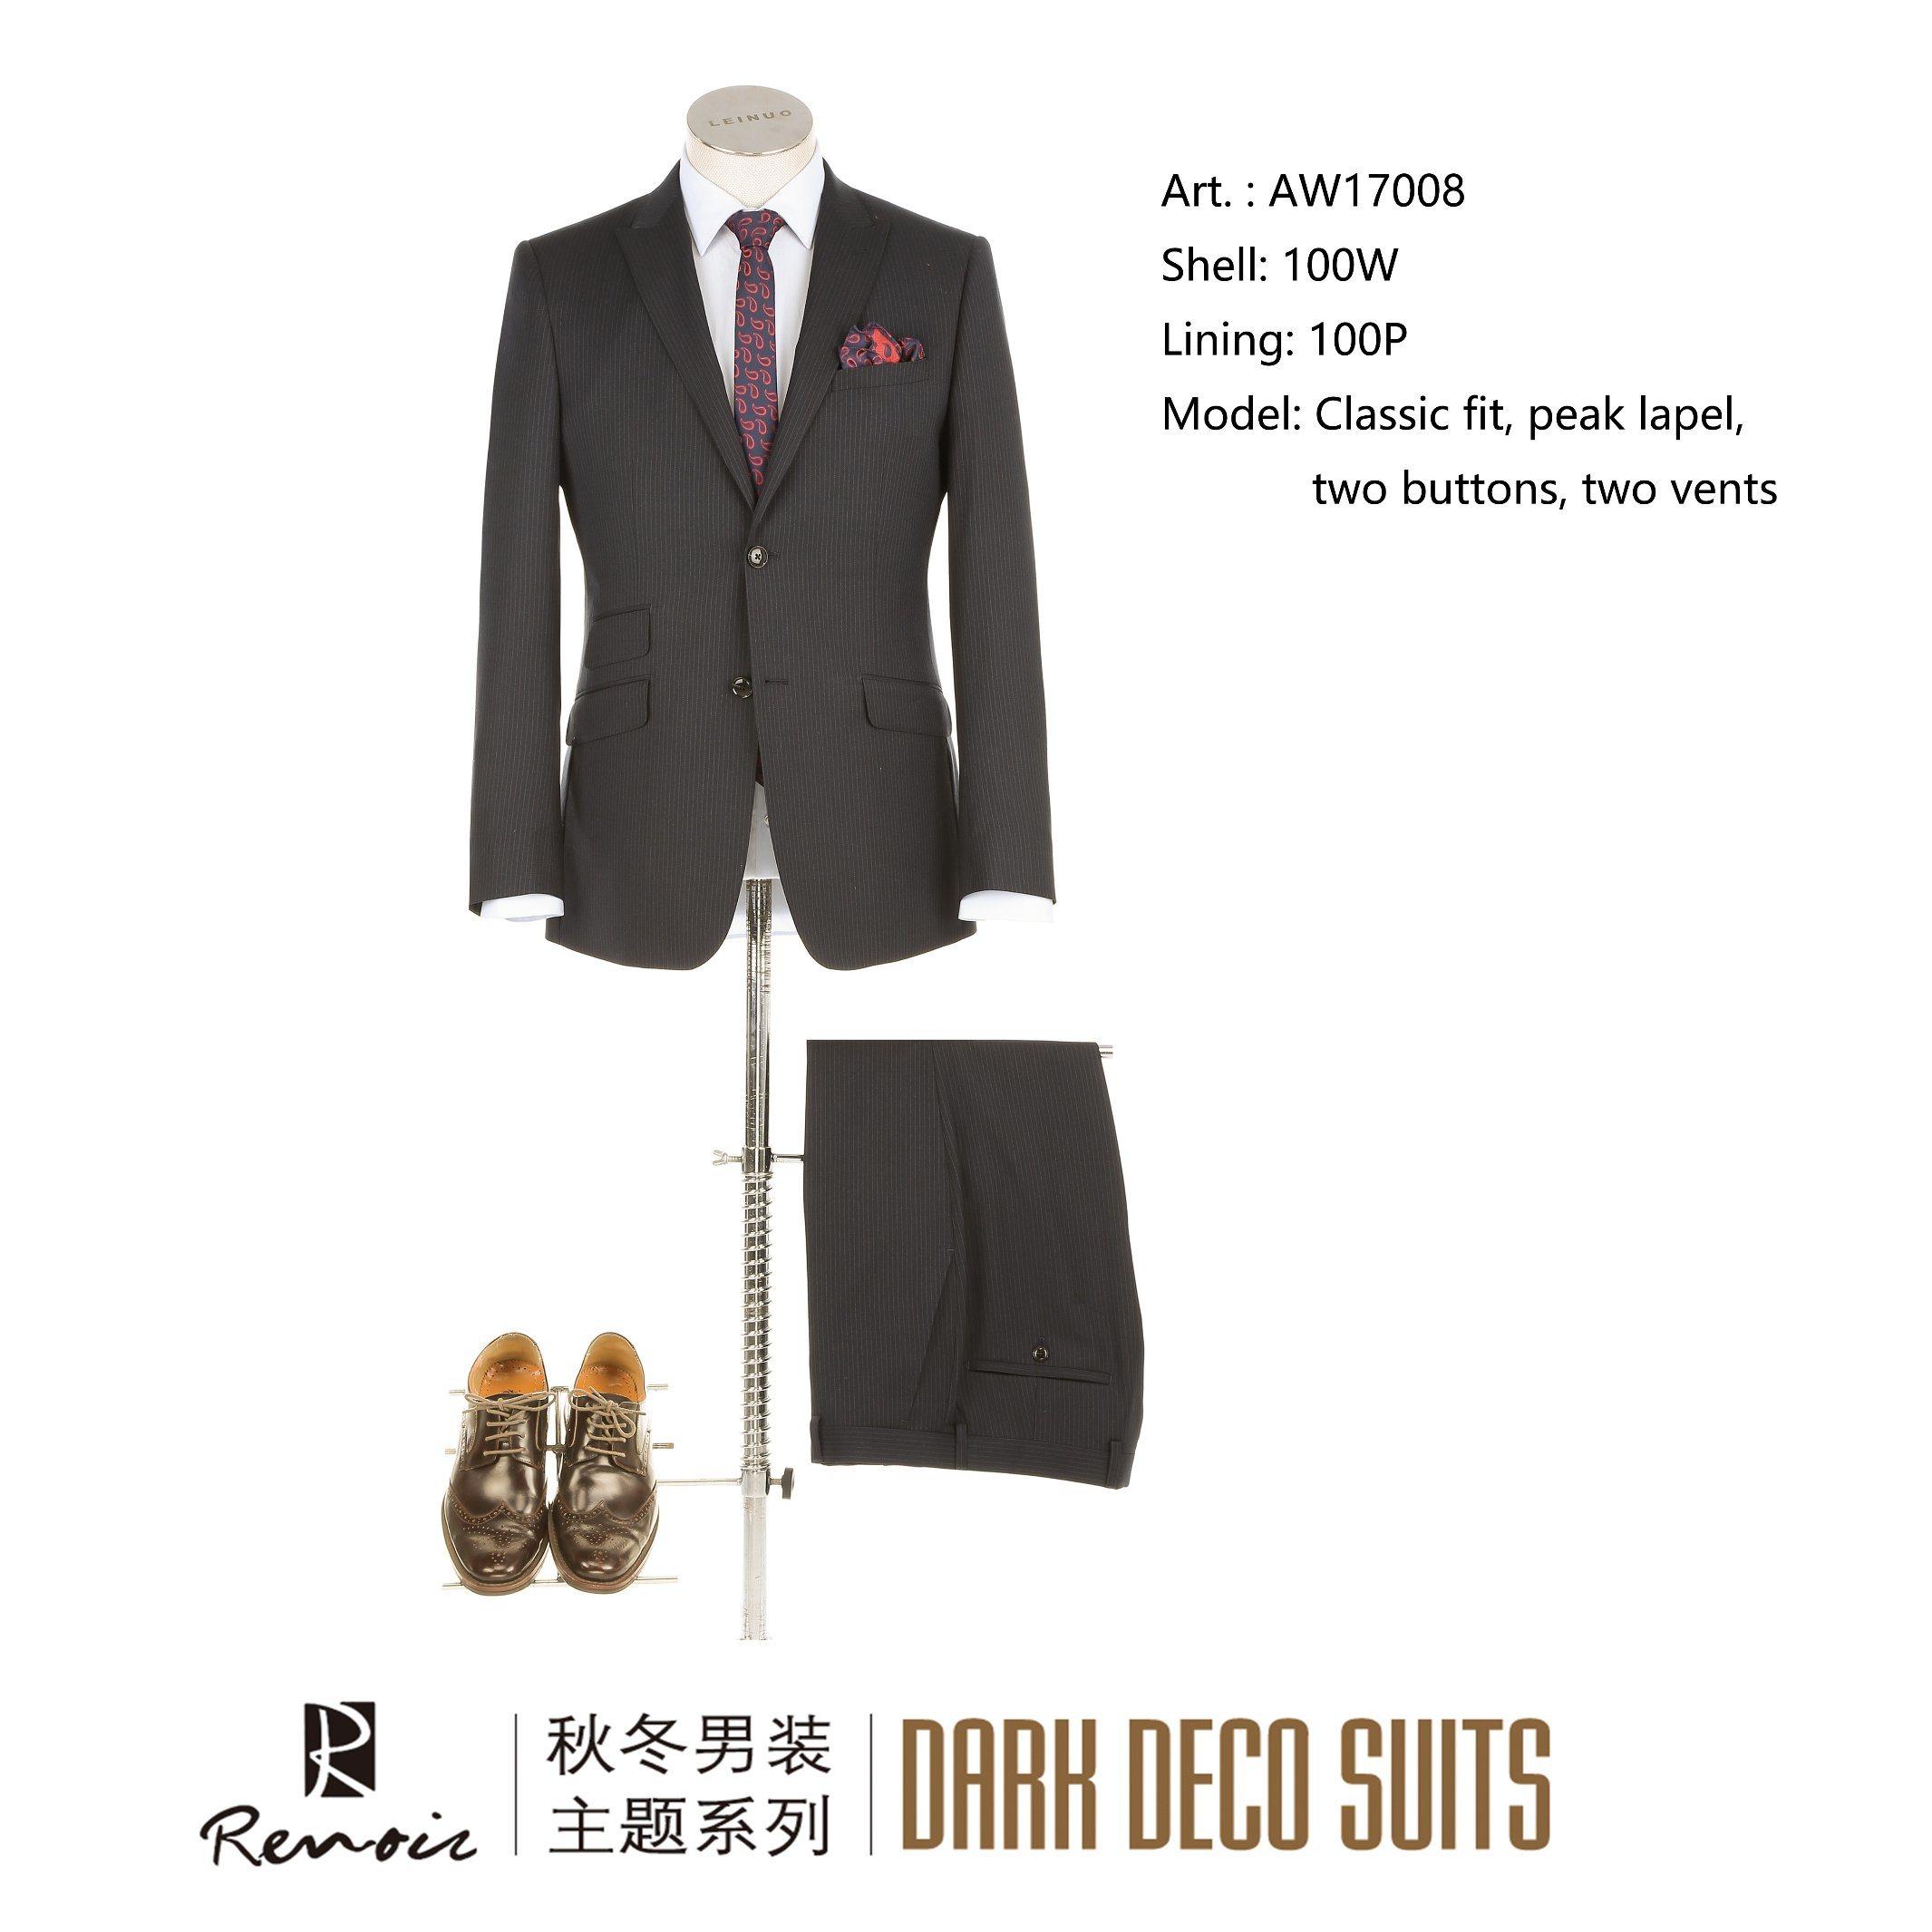 OEM 2 Piece Peak Lapel Classic Fit Men′s Business Suit